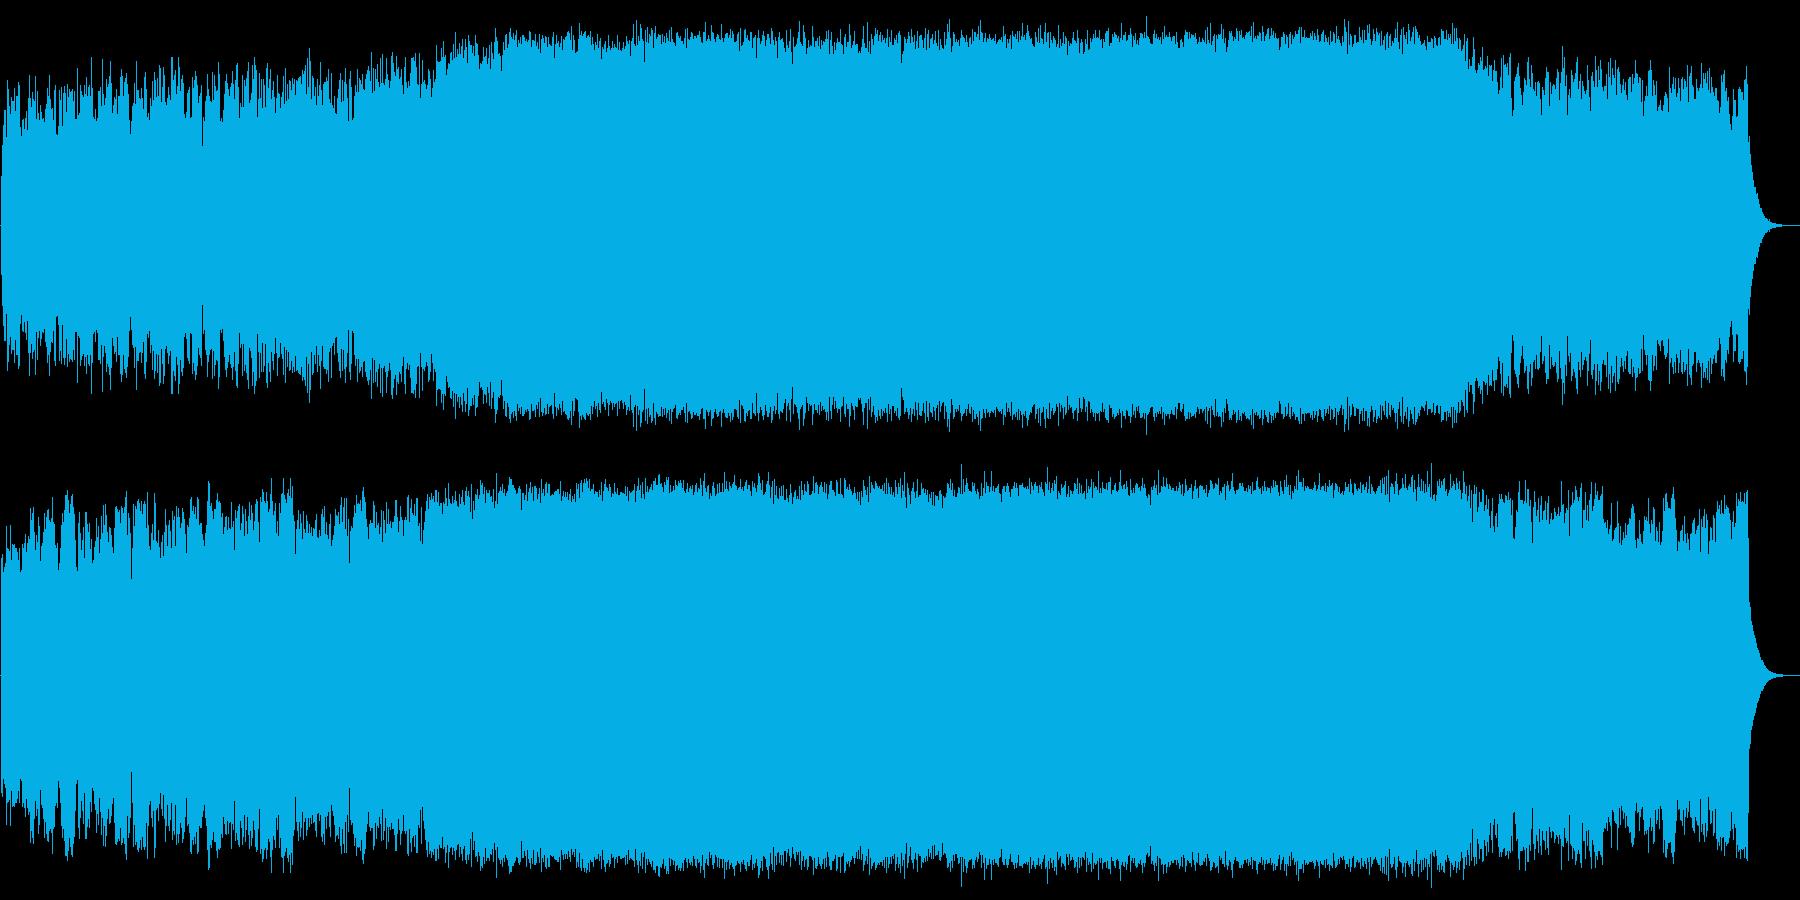 永遠 シンセ 夢 SF 無限 トランスの再生済みの波形